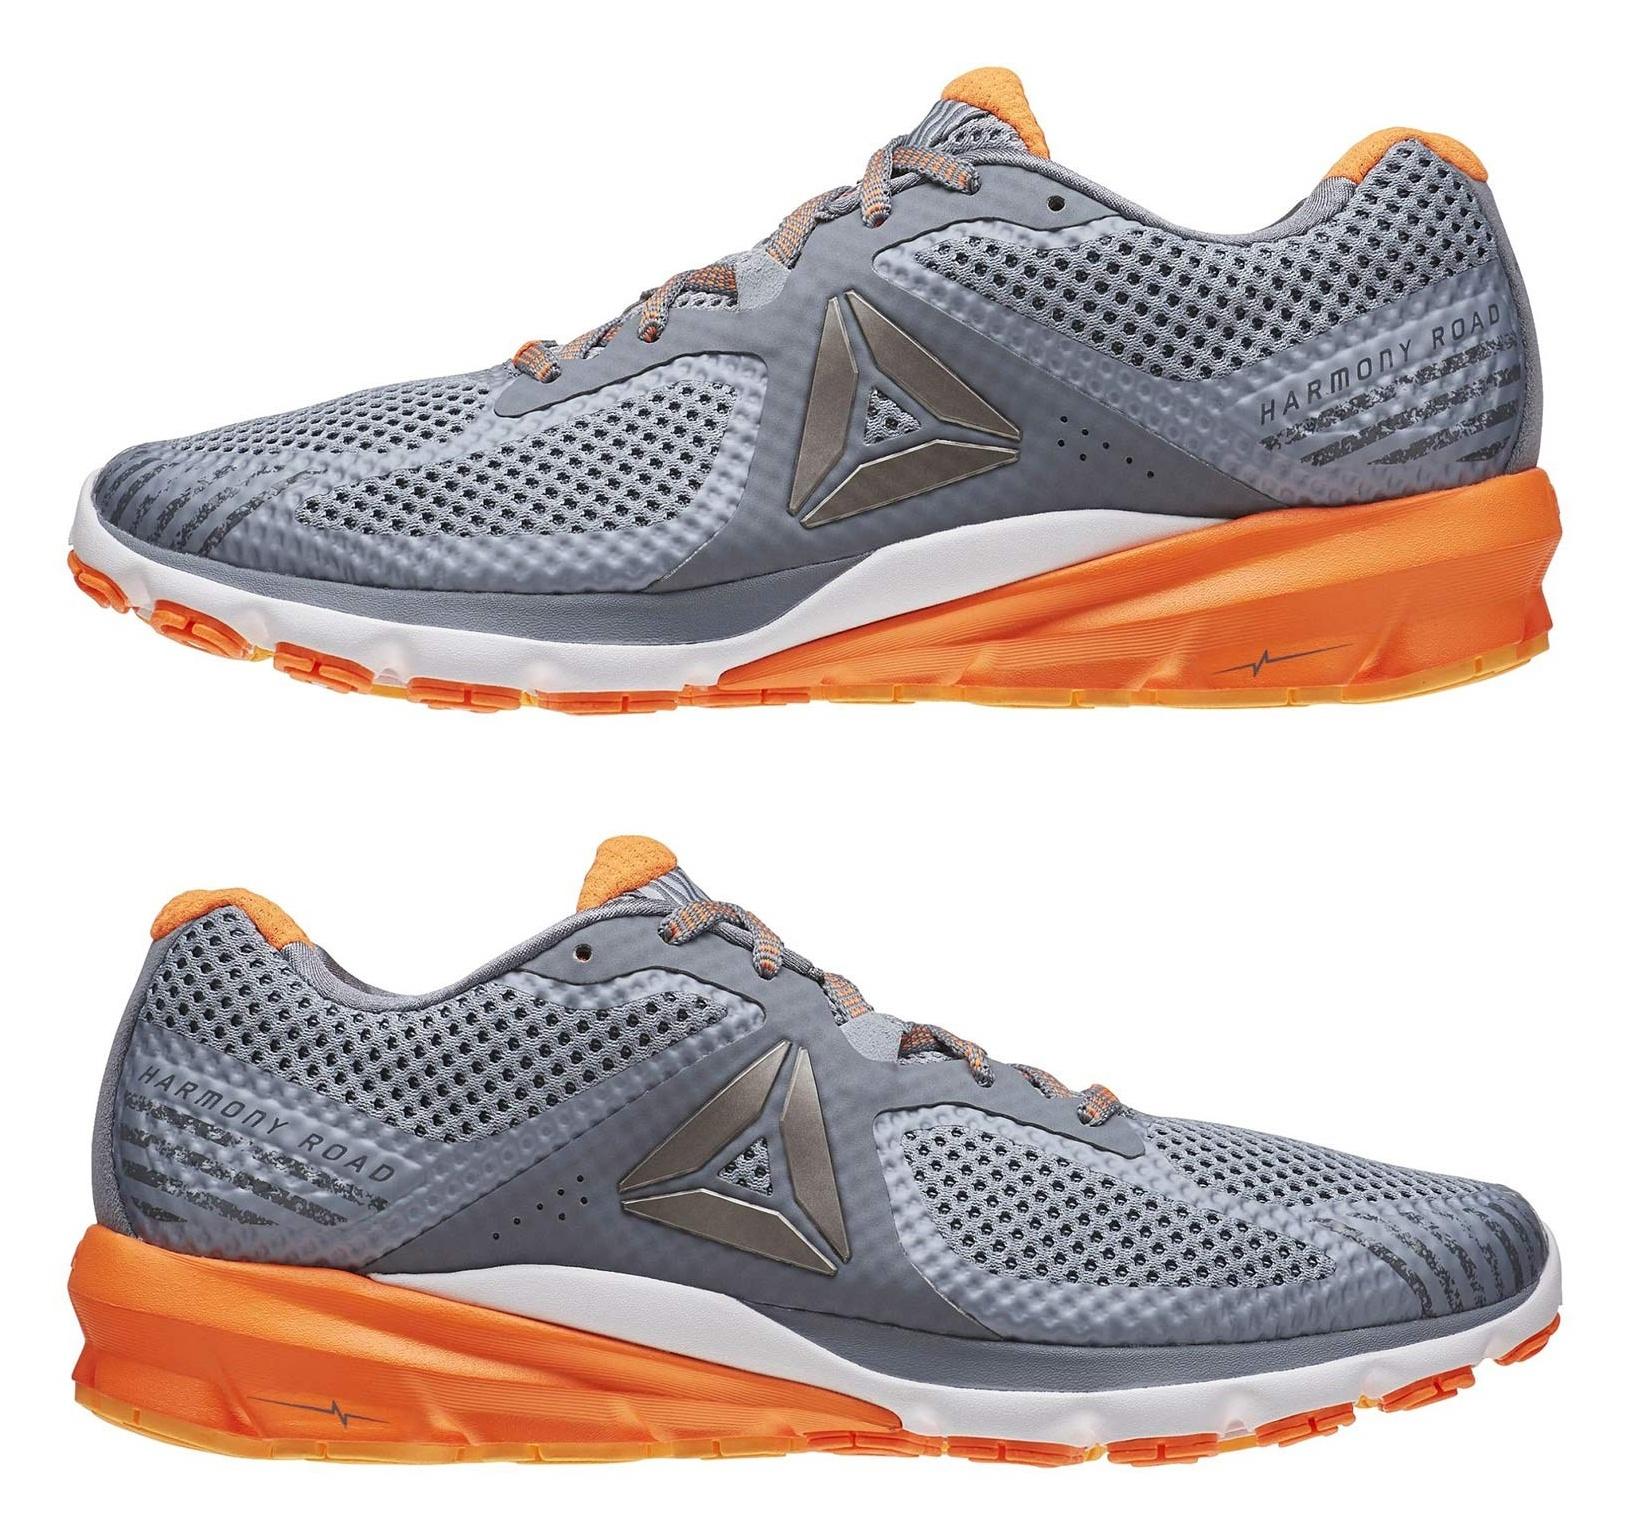 کفش دویدن بندی مردانه Harmony Road - ریباک - طوسي - 3